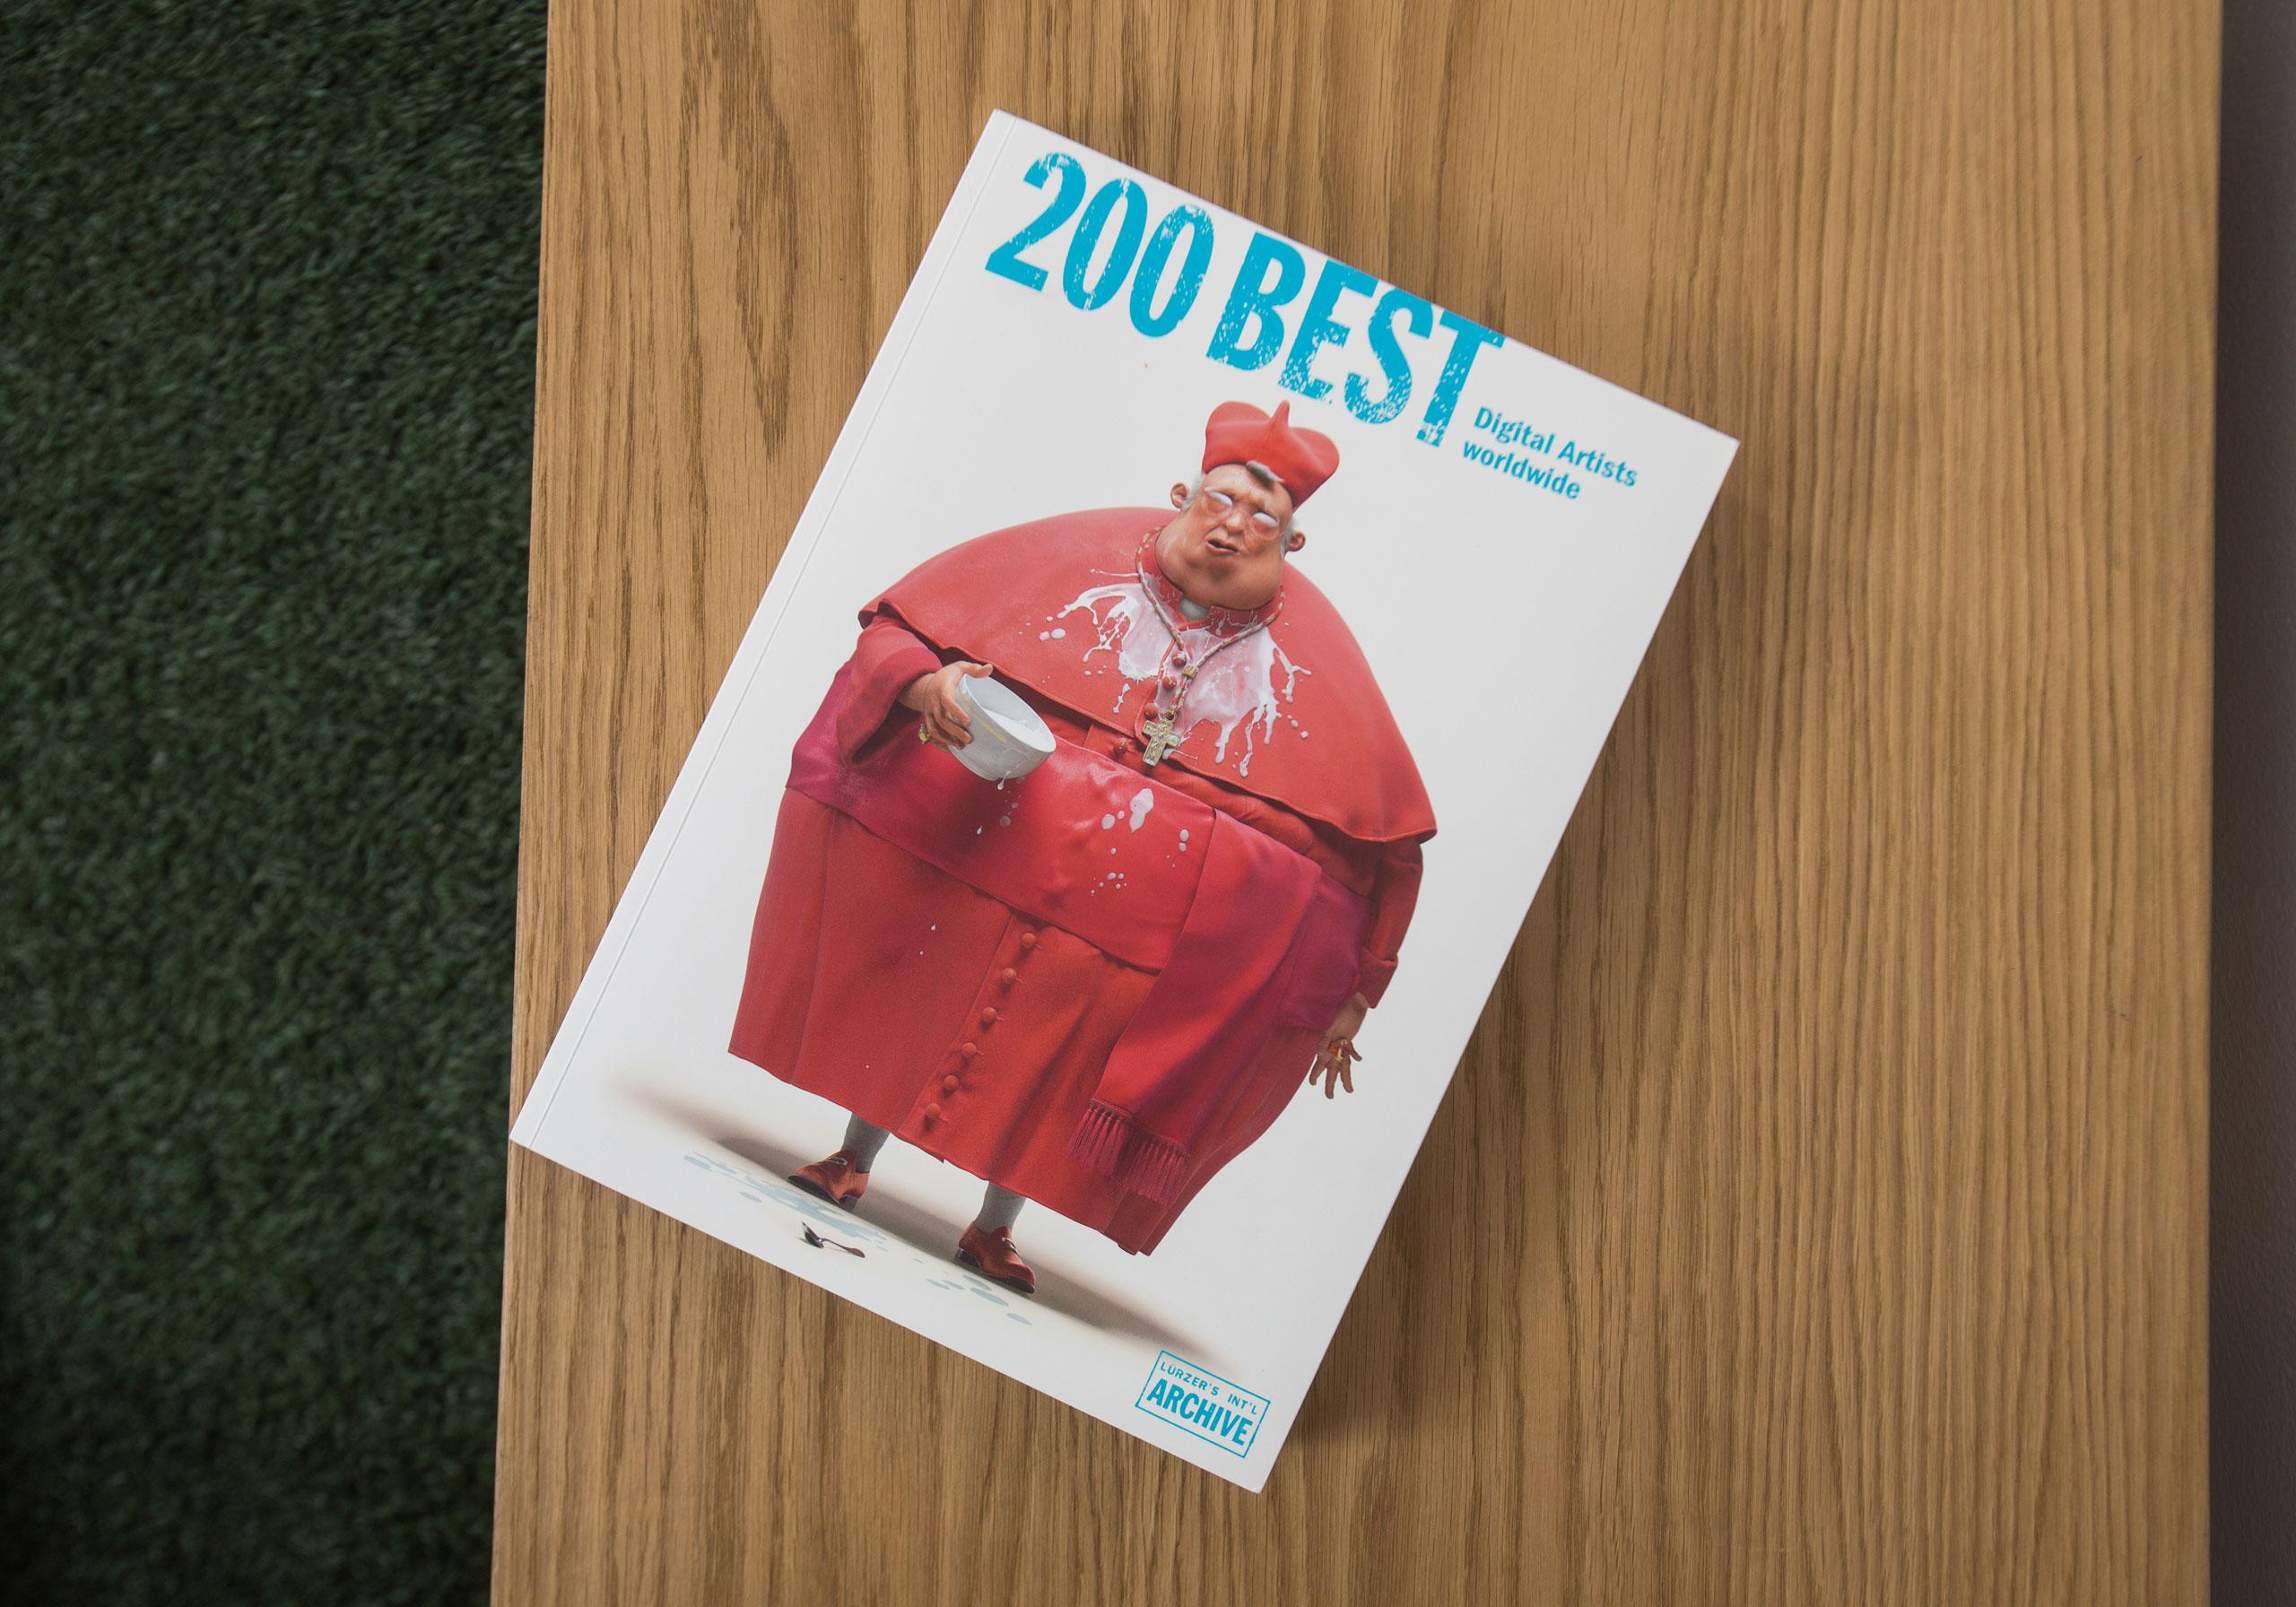 200-Best-DA-w2560-q60-02-02